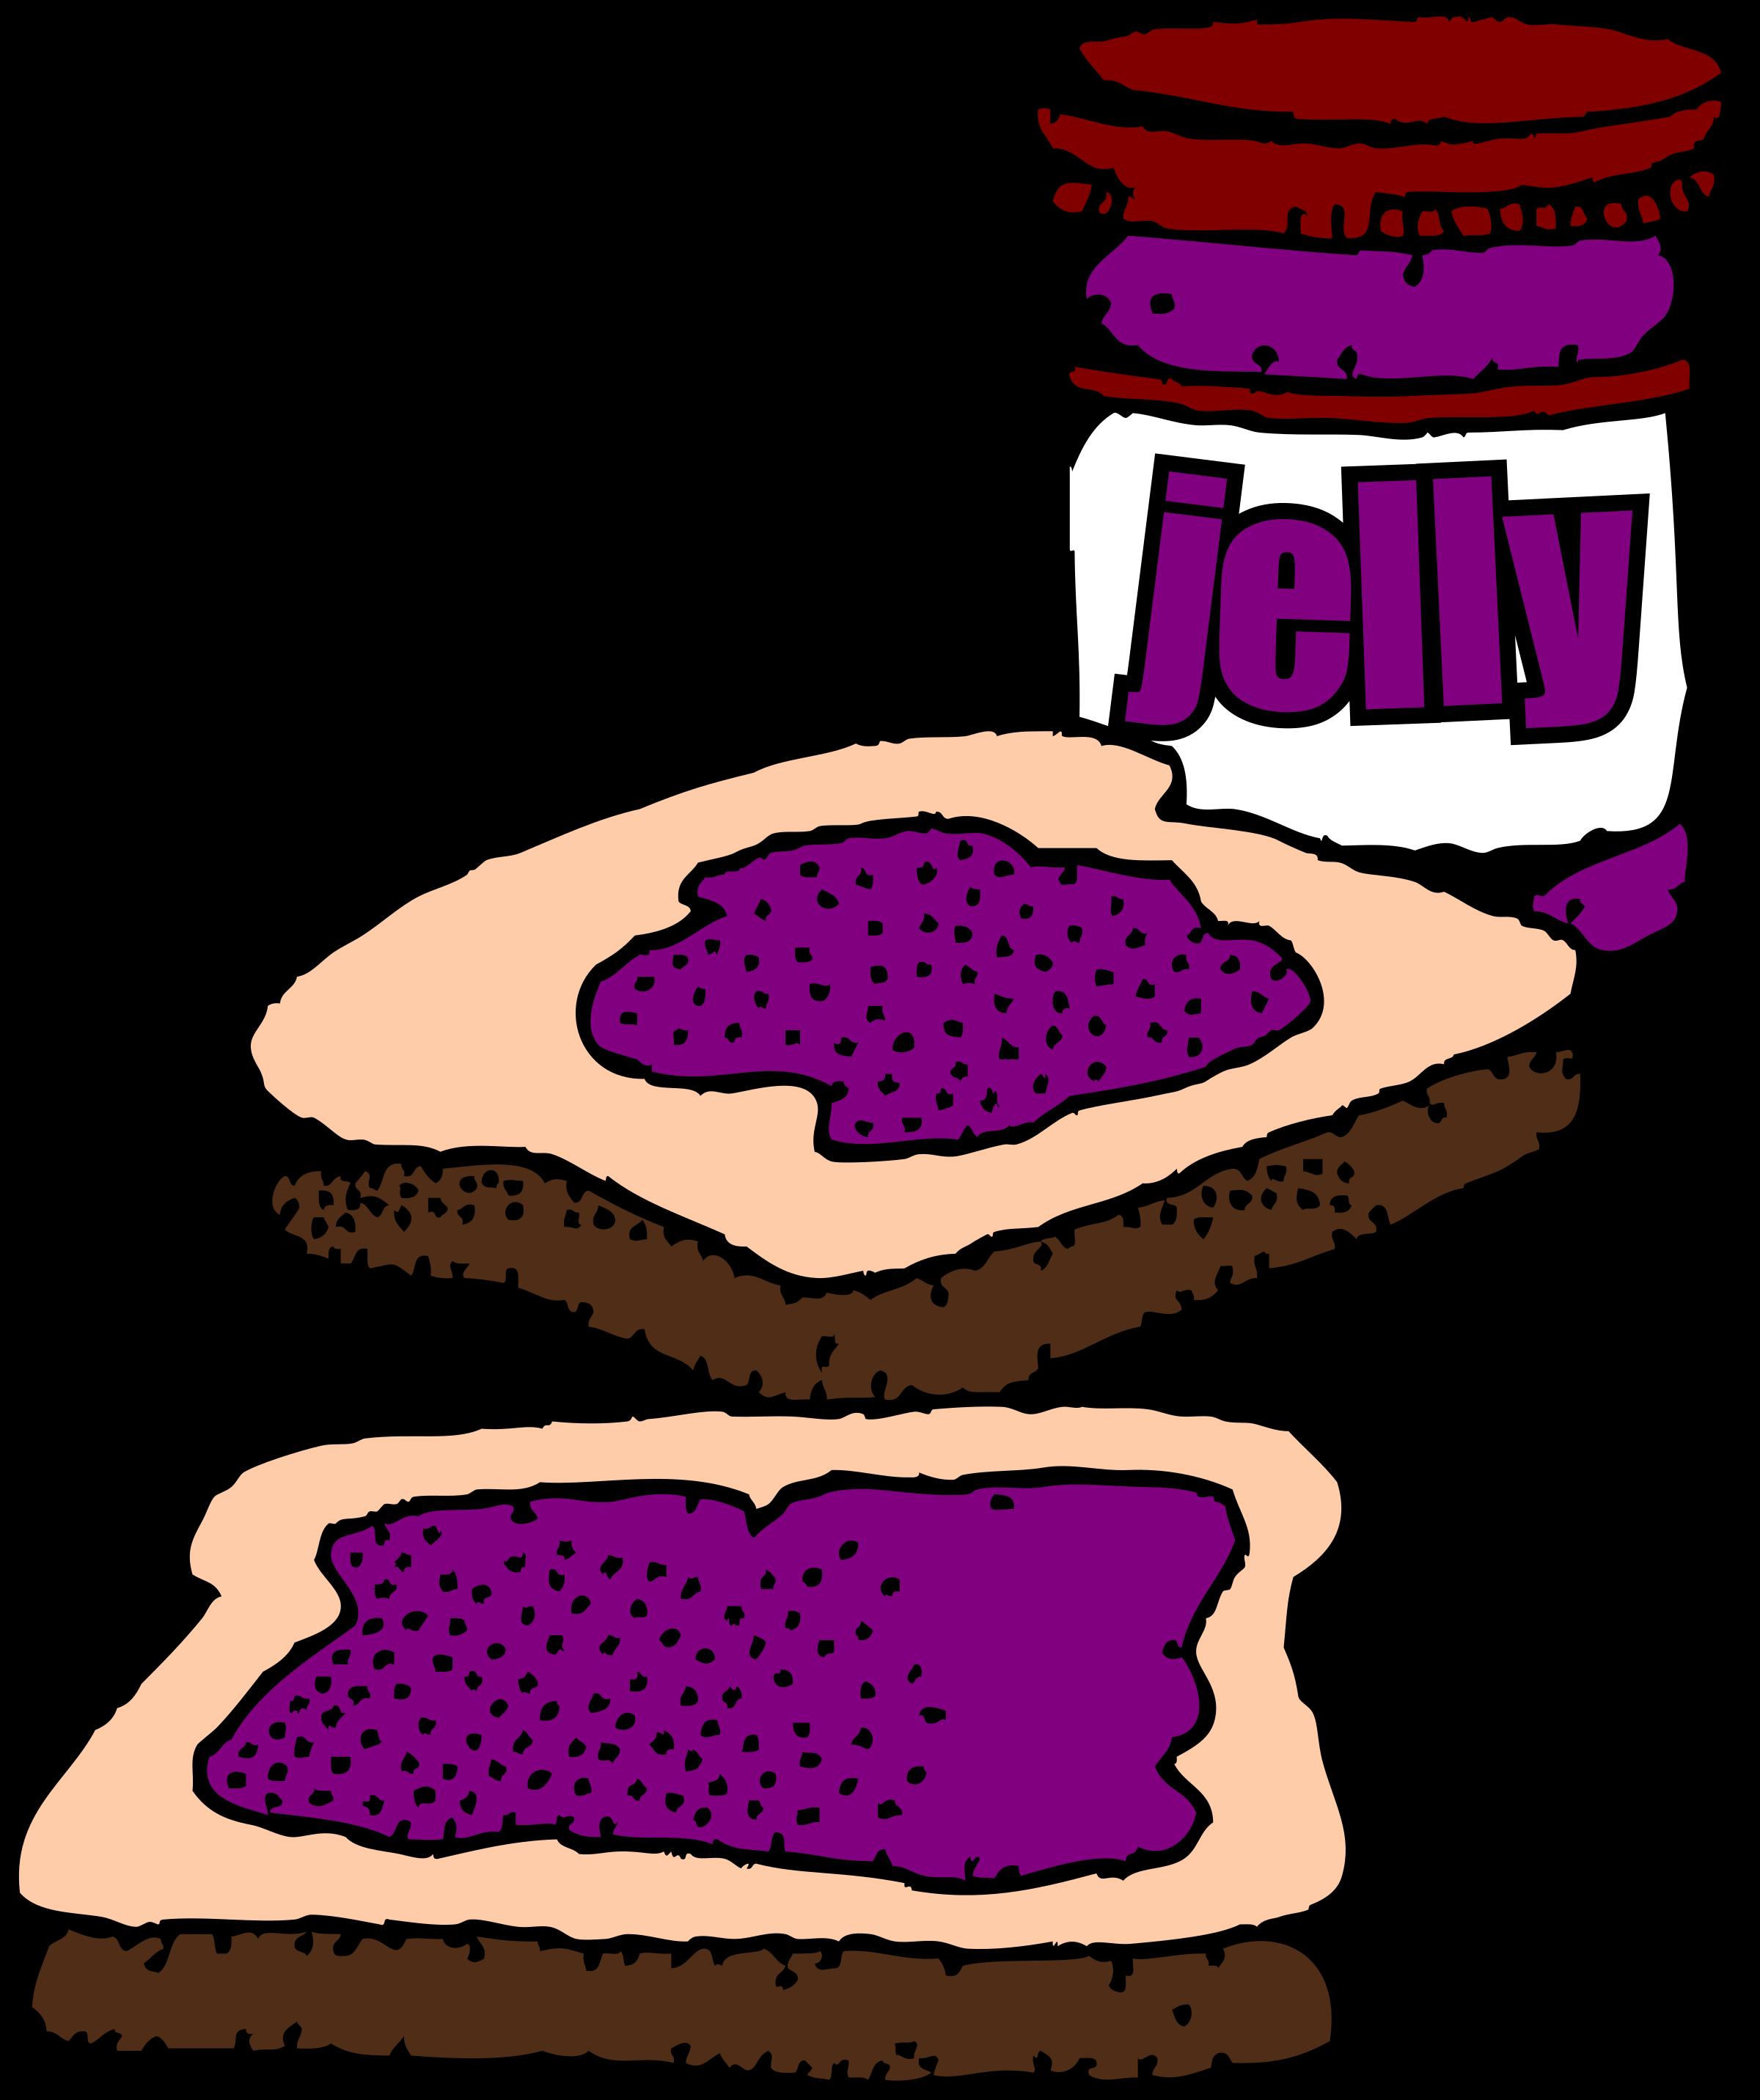 Jelly clipart jelly jar. Jello clip art